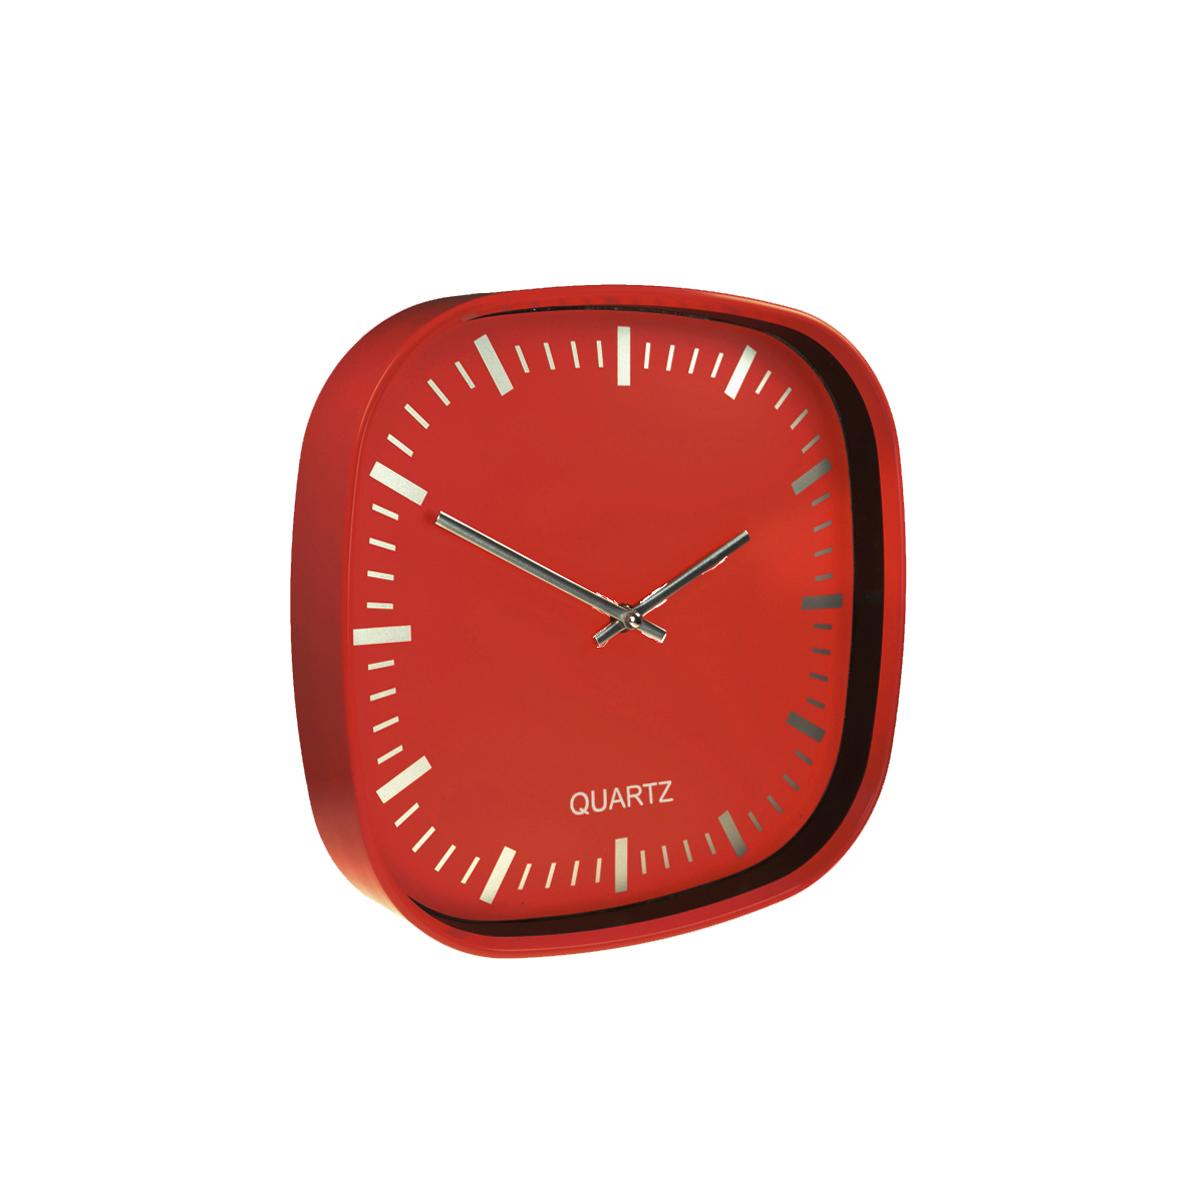 Plastic Wall Clock 30 - hmi36030-04 (Red)